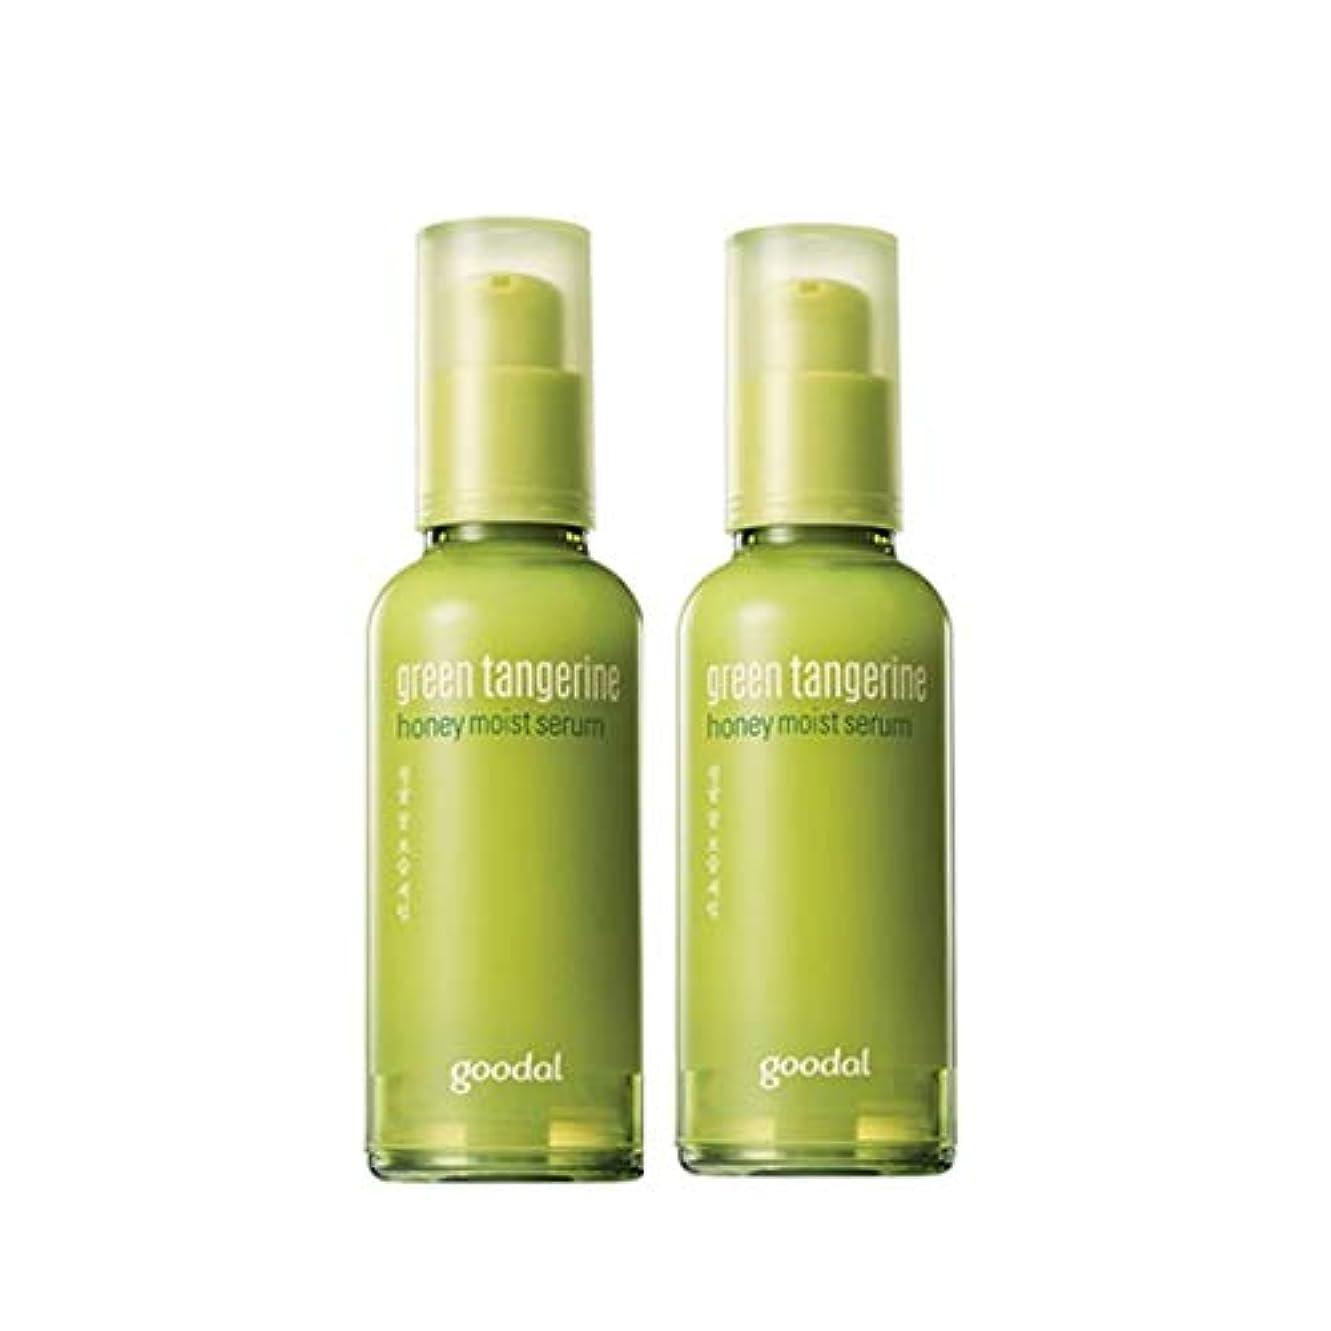 批判的落とし穴ギャップグドール青みかん蜂蜜保湿セラム50mlx2本セット韓国コスメ、Goodal Green Tangerine Honey Moist Serum 50ml x 2ea Set Korean Cosmetics [並行輸入品]